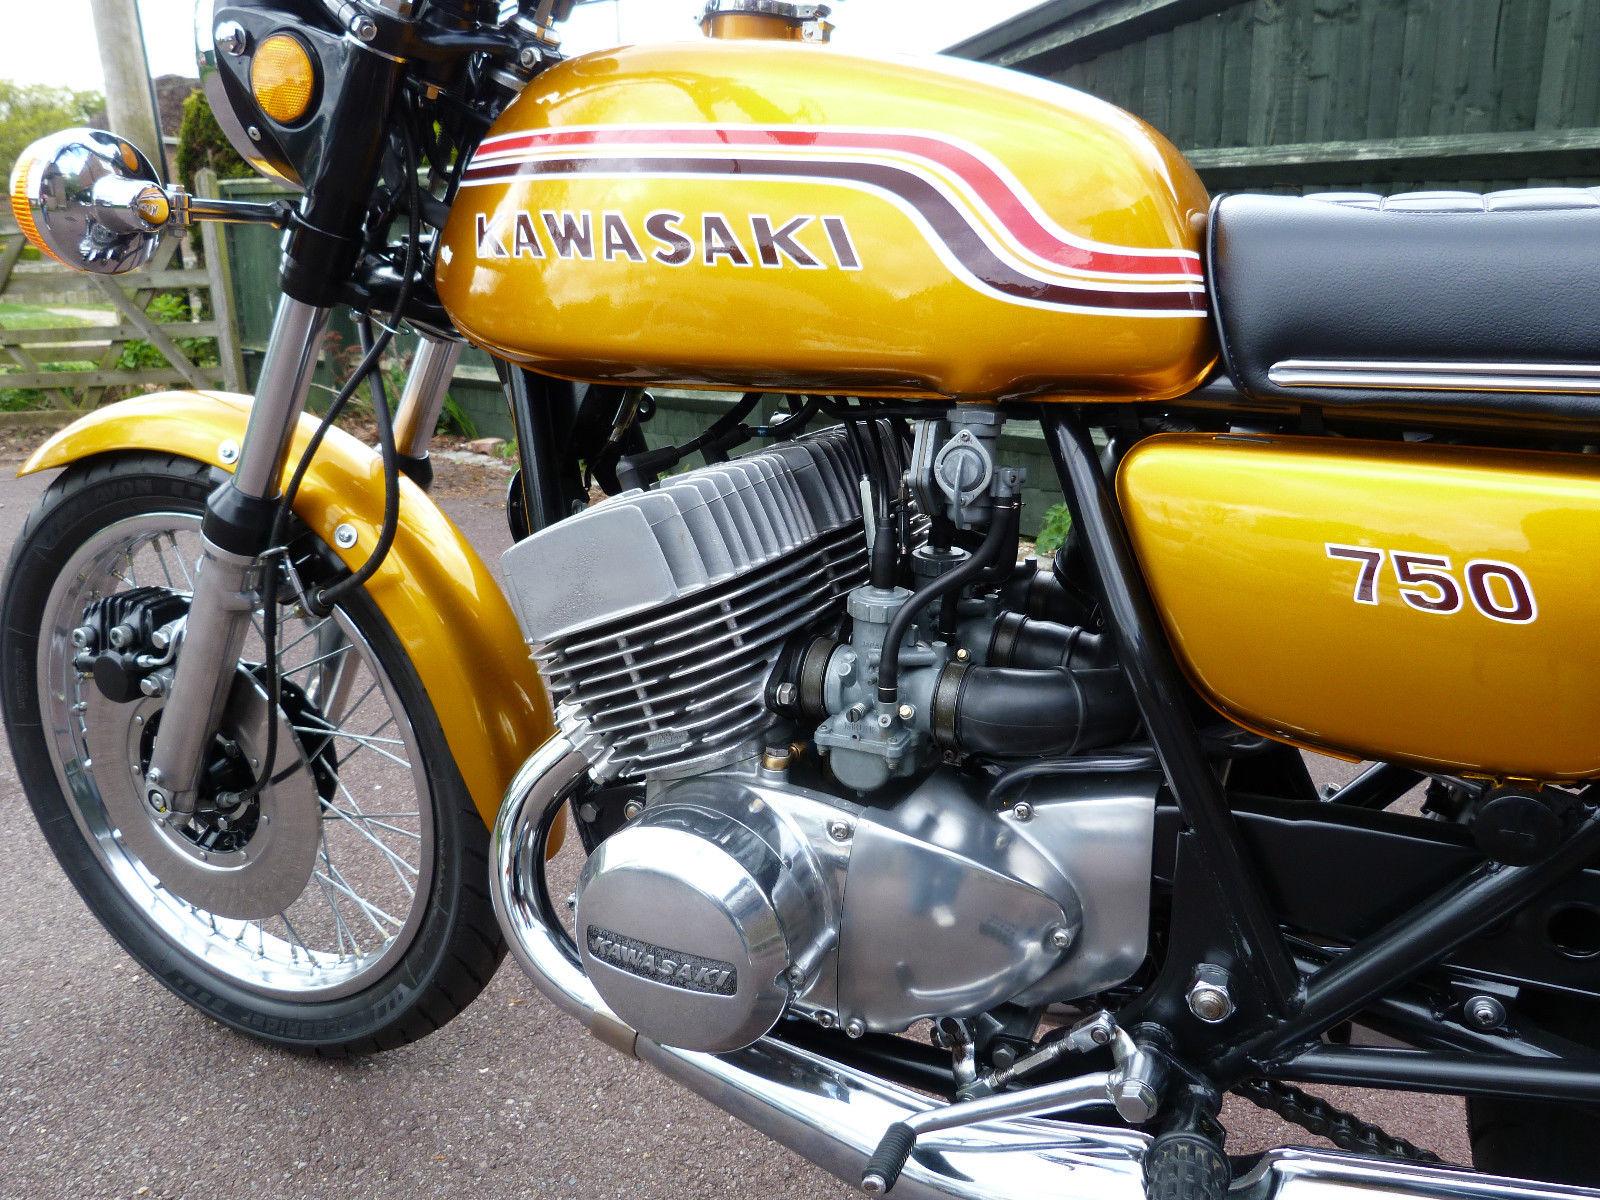 Restored Kawasaki H2 750 - 1972 Photographs at Clic Bikes ...